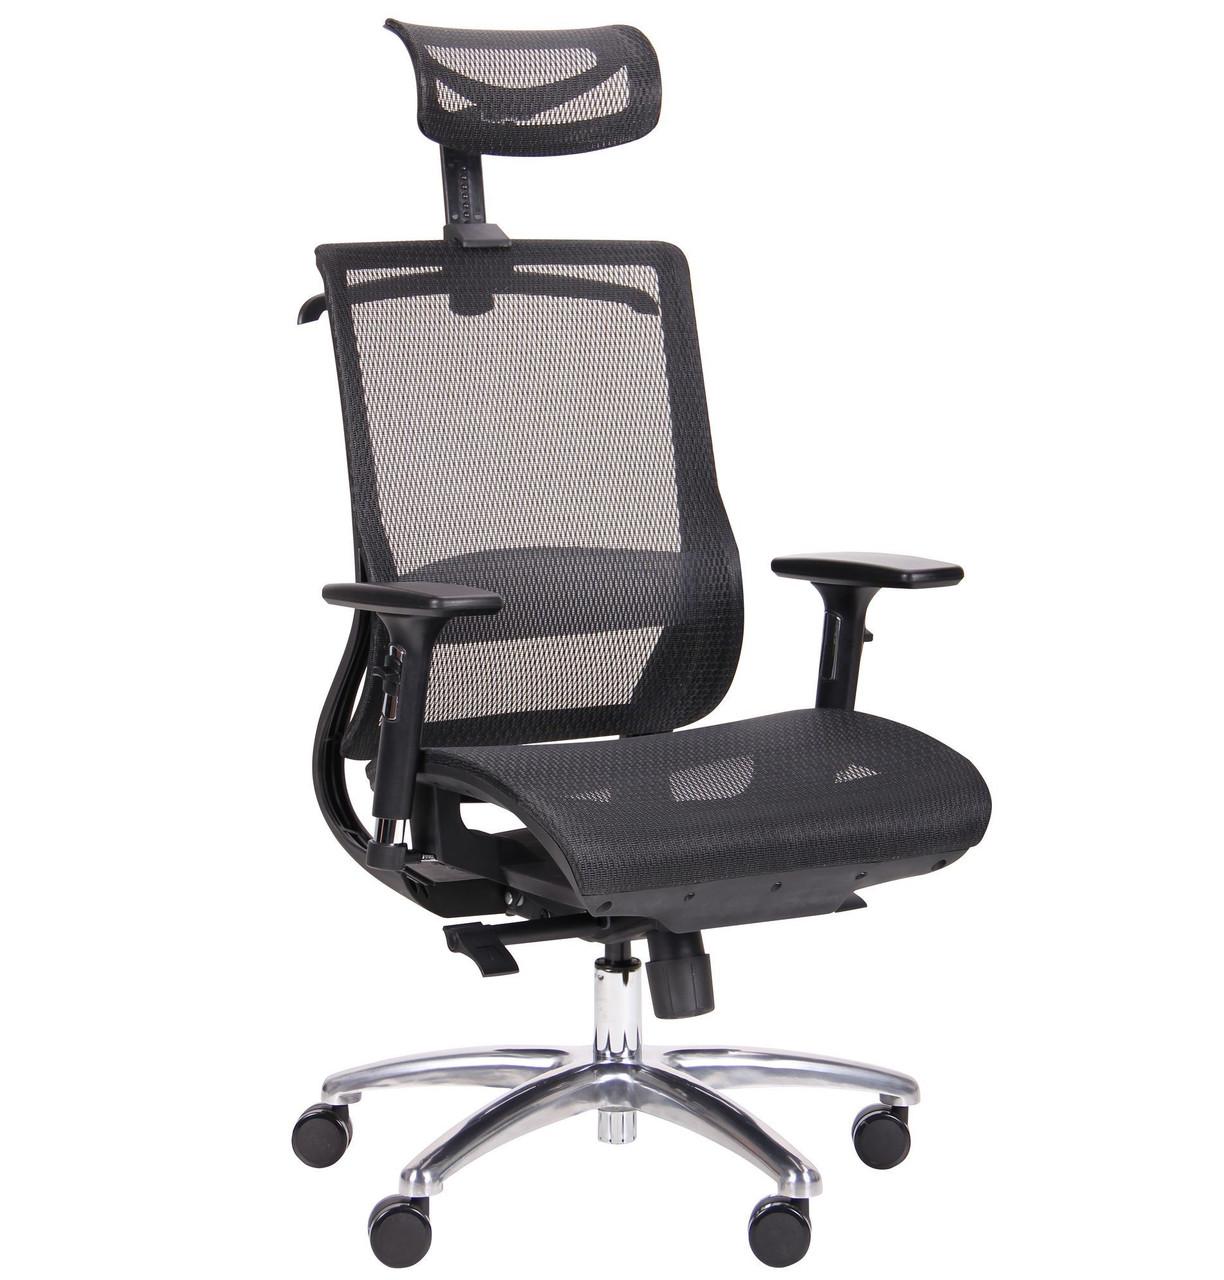 Компьютерное кресло Coder Black Alum Black, TM AMF